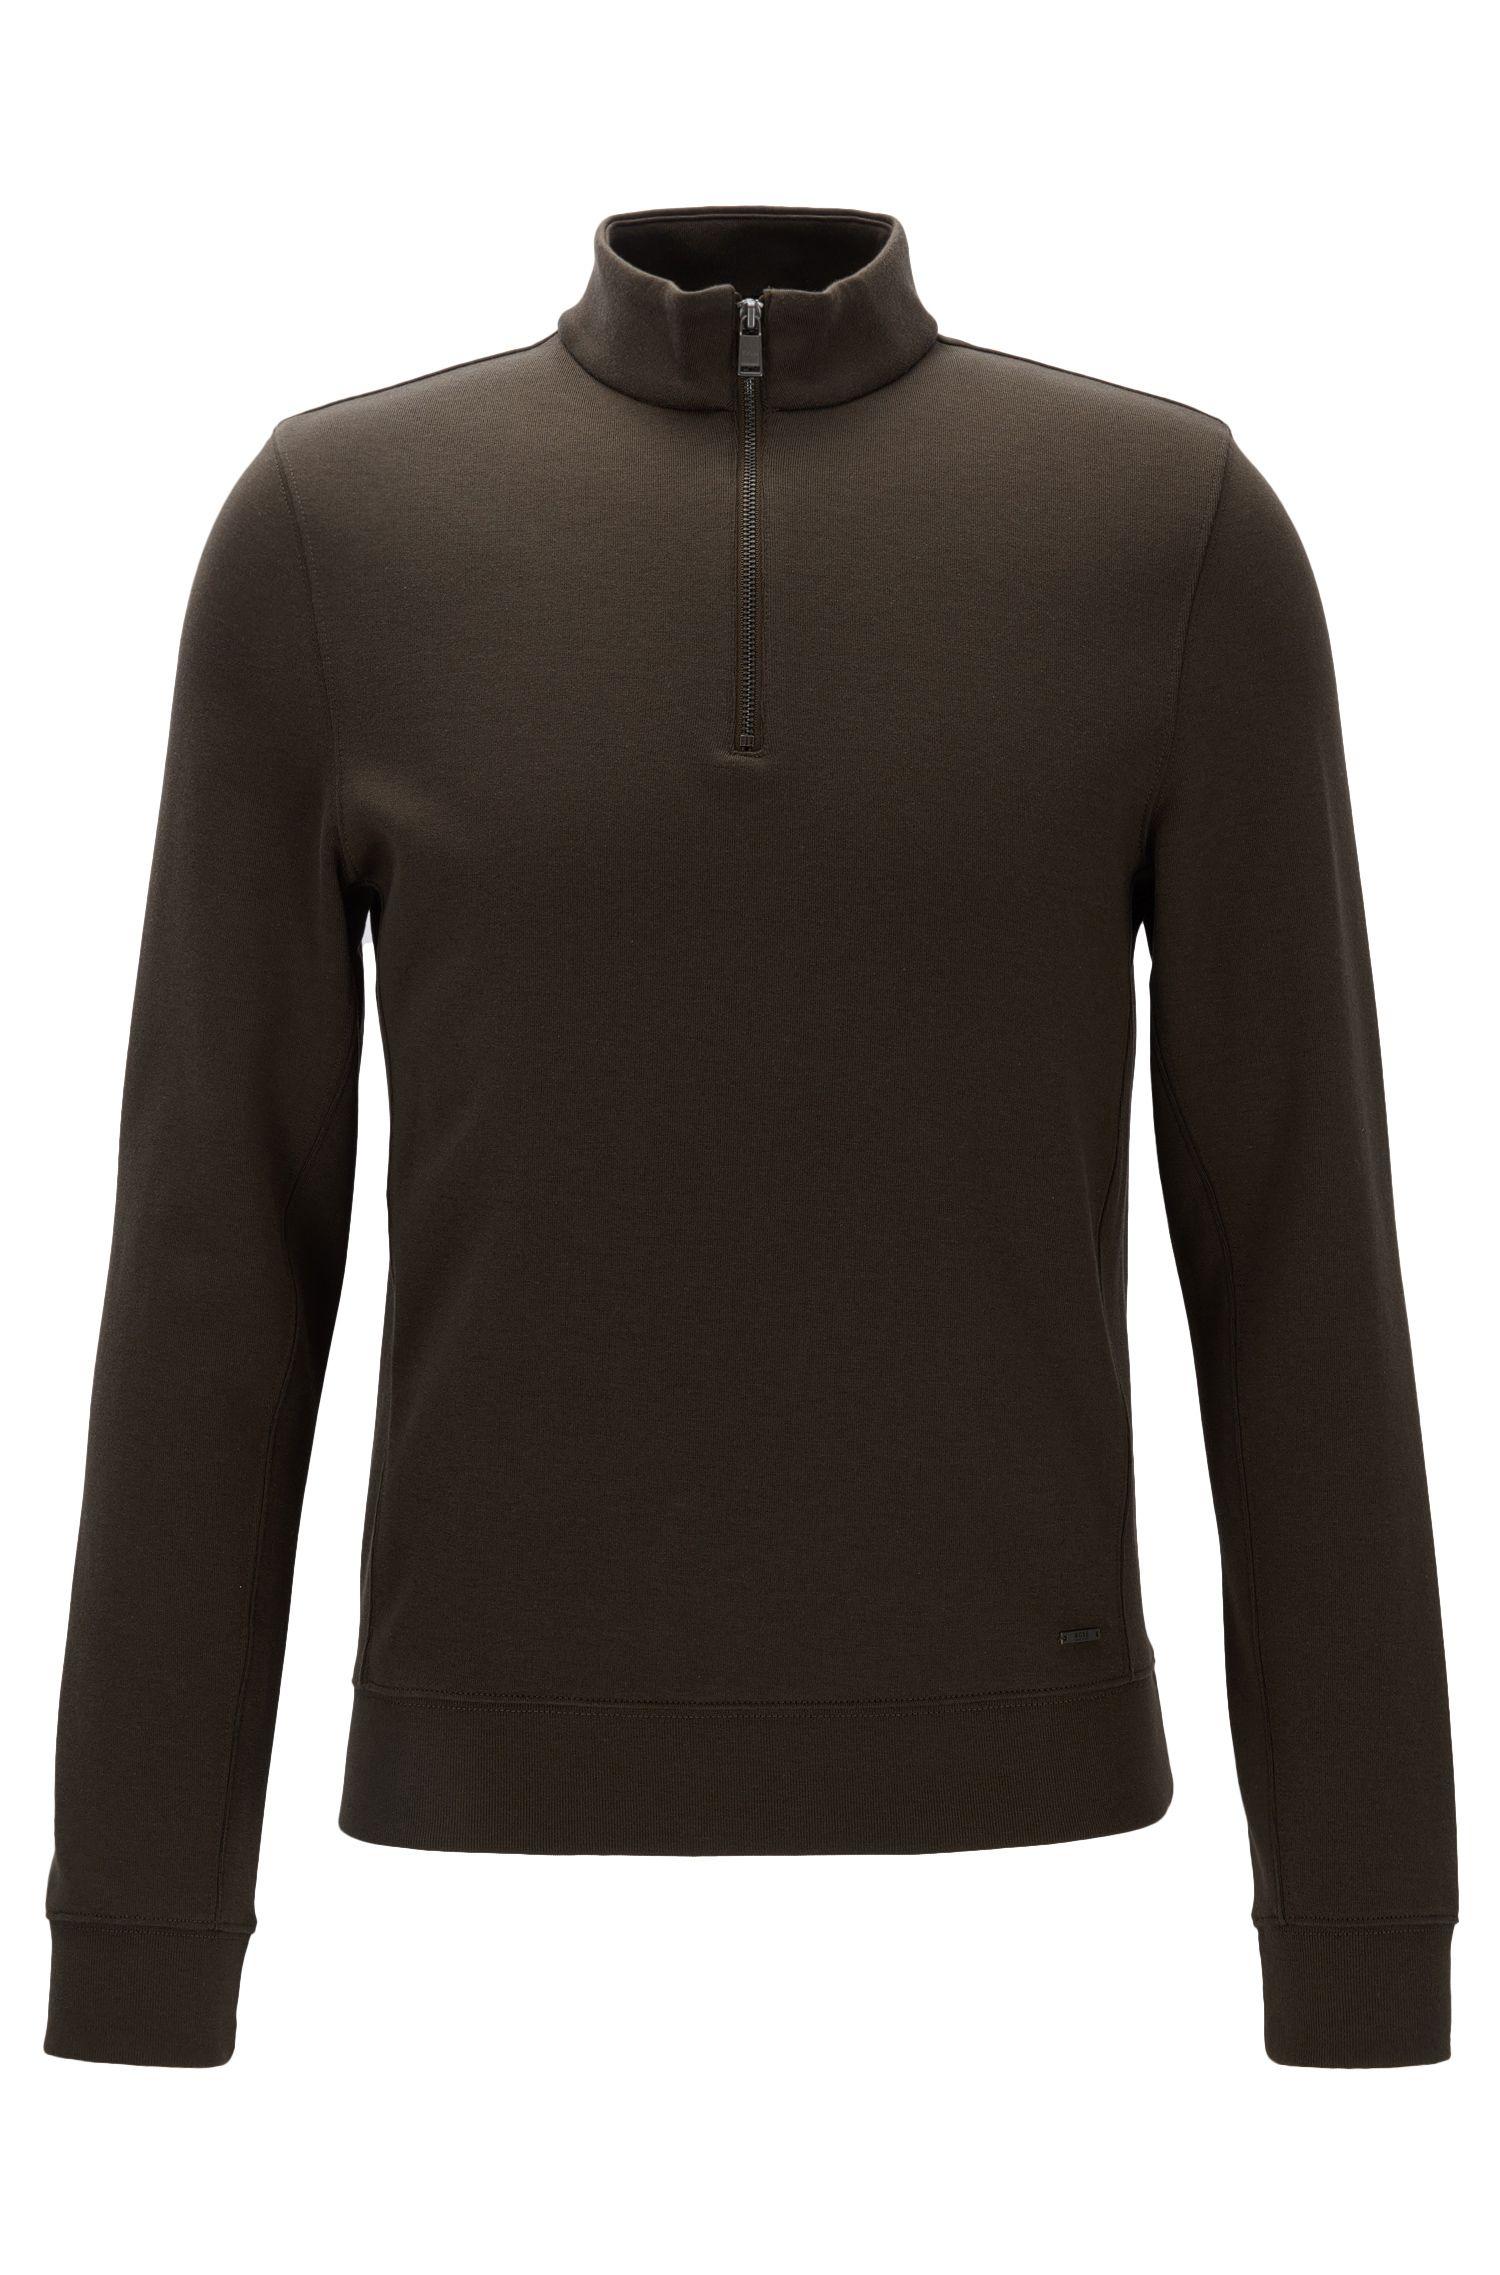 Stretch Cotton Half-Zip Sweater | Siegal